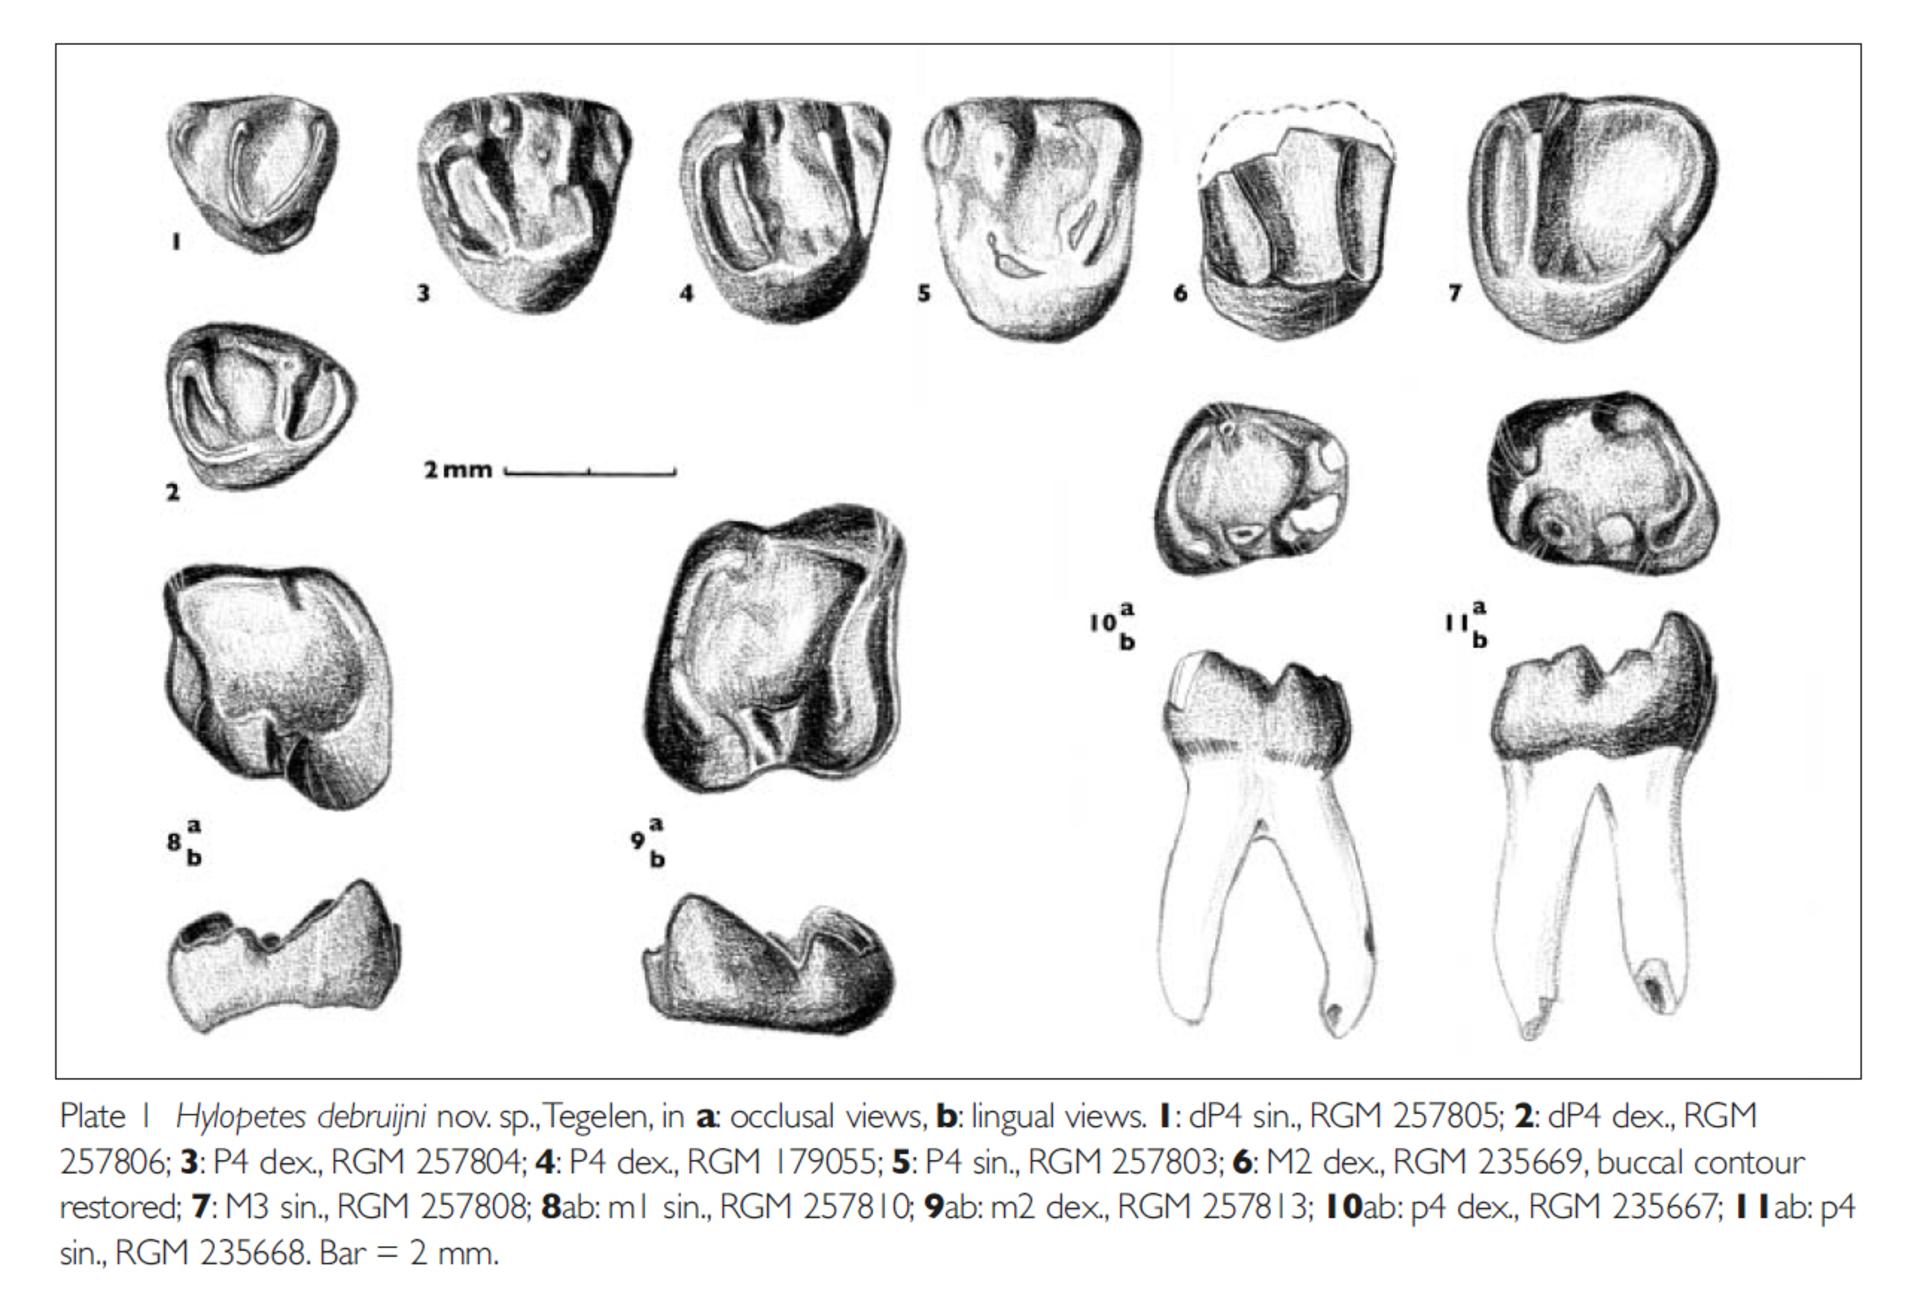 RGM.257808 | Hylopetes debruijni Reumer & van den Hoek Ostende, 2003